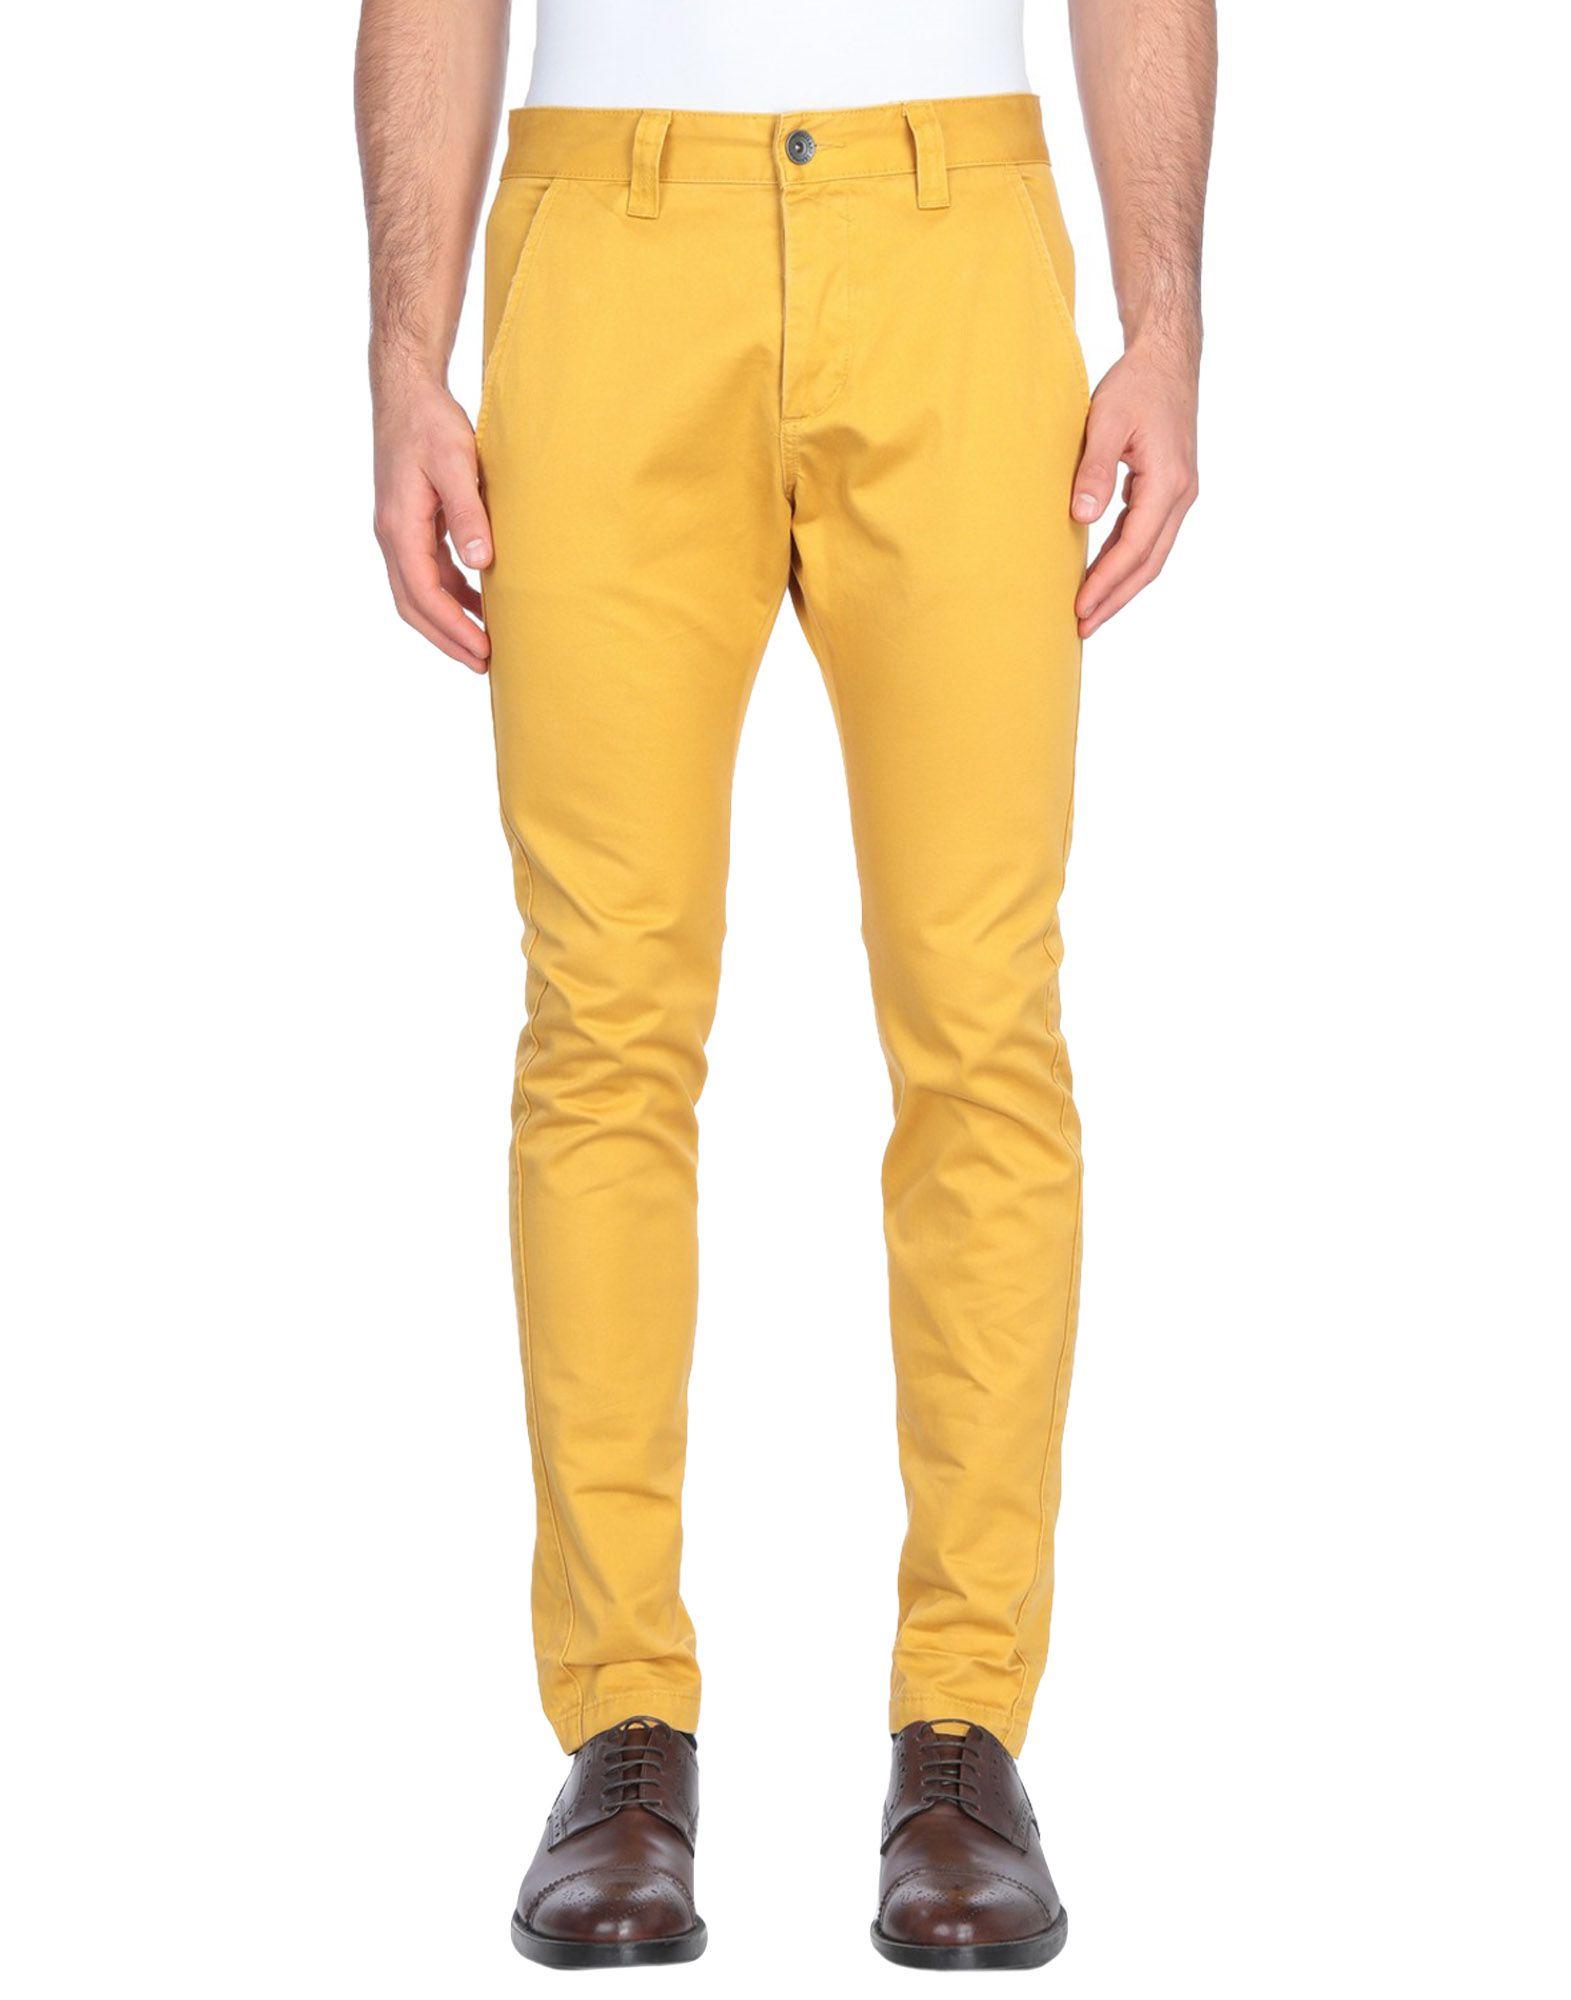 DR. DENIM JEANSMAKERS Повседневные брюки dr denim jeansmakers брюки капри